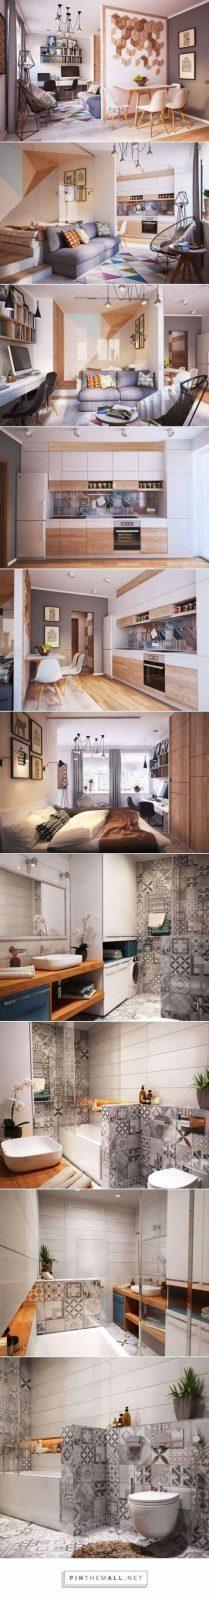 76 Genial Bild Von Kleine Wohnung Optimal Einrichten  Grundrisse Idee von Kleine Jugendzimmer Optimal Einrichten Photo